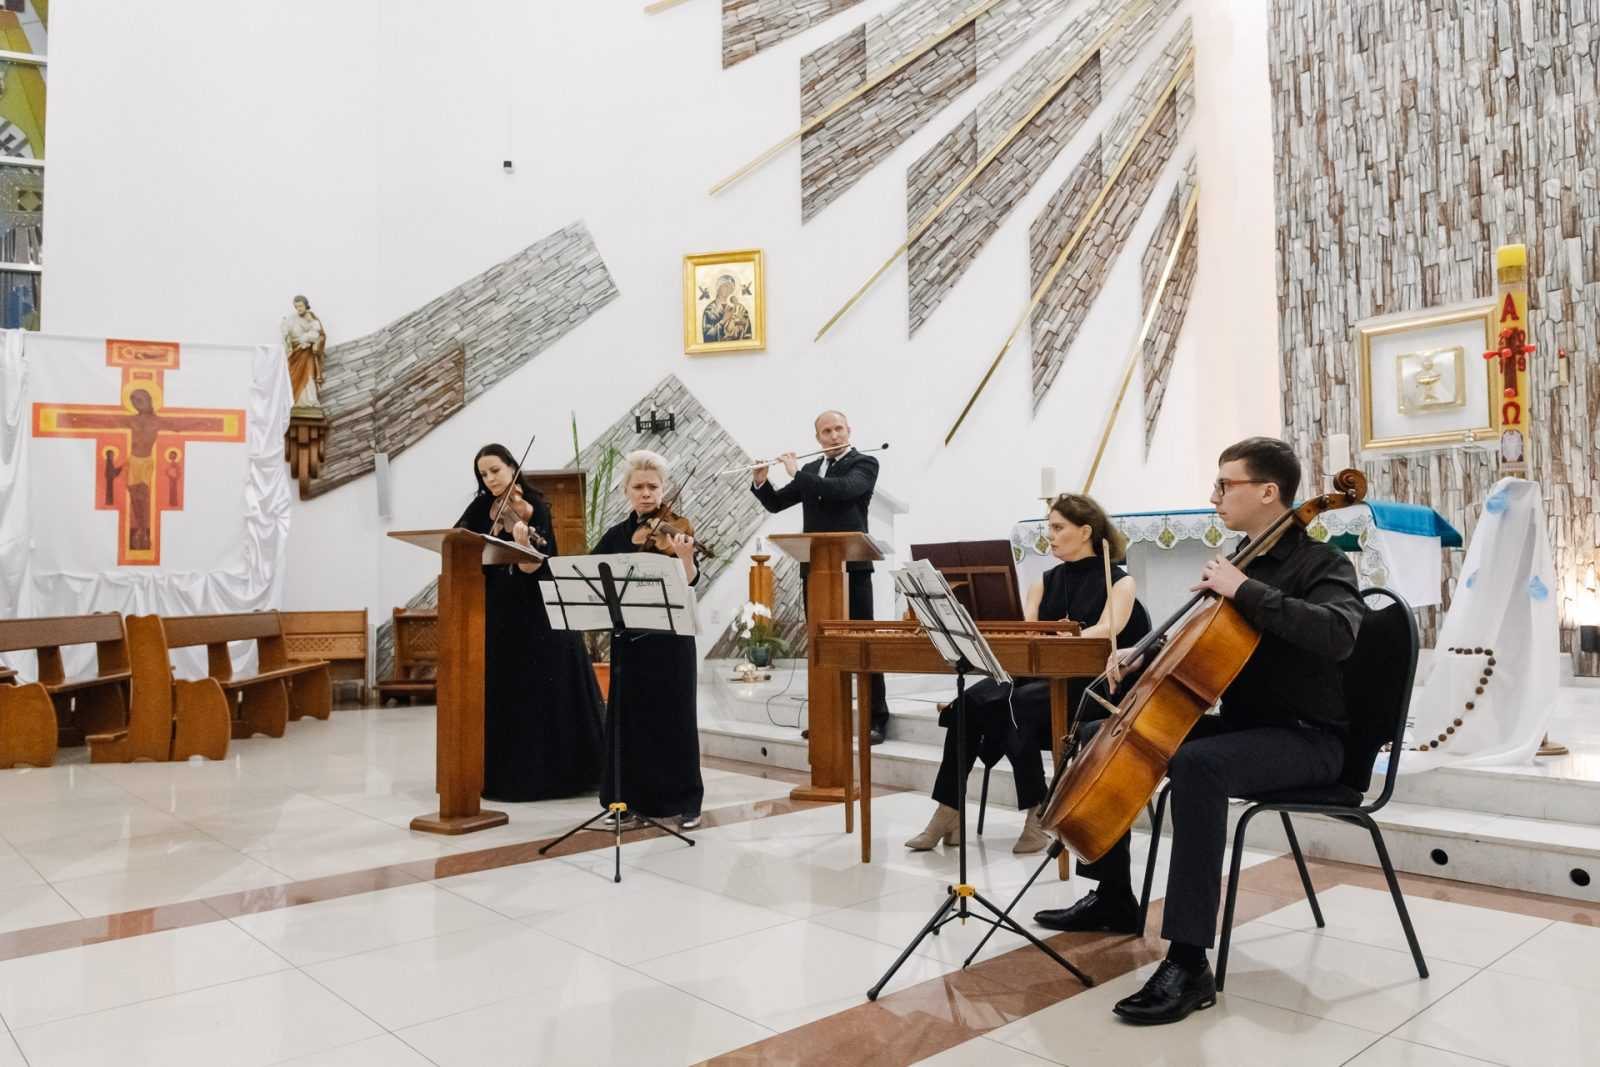 Музыка в храме КОНЦЕРТ «МАСТЕРА БАРОККО» 26.10.2019 27